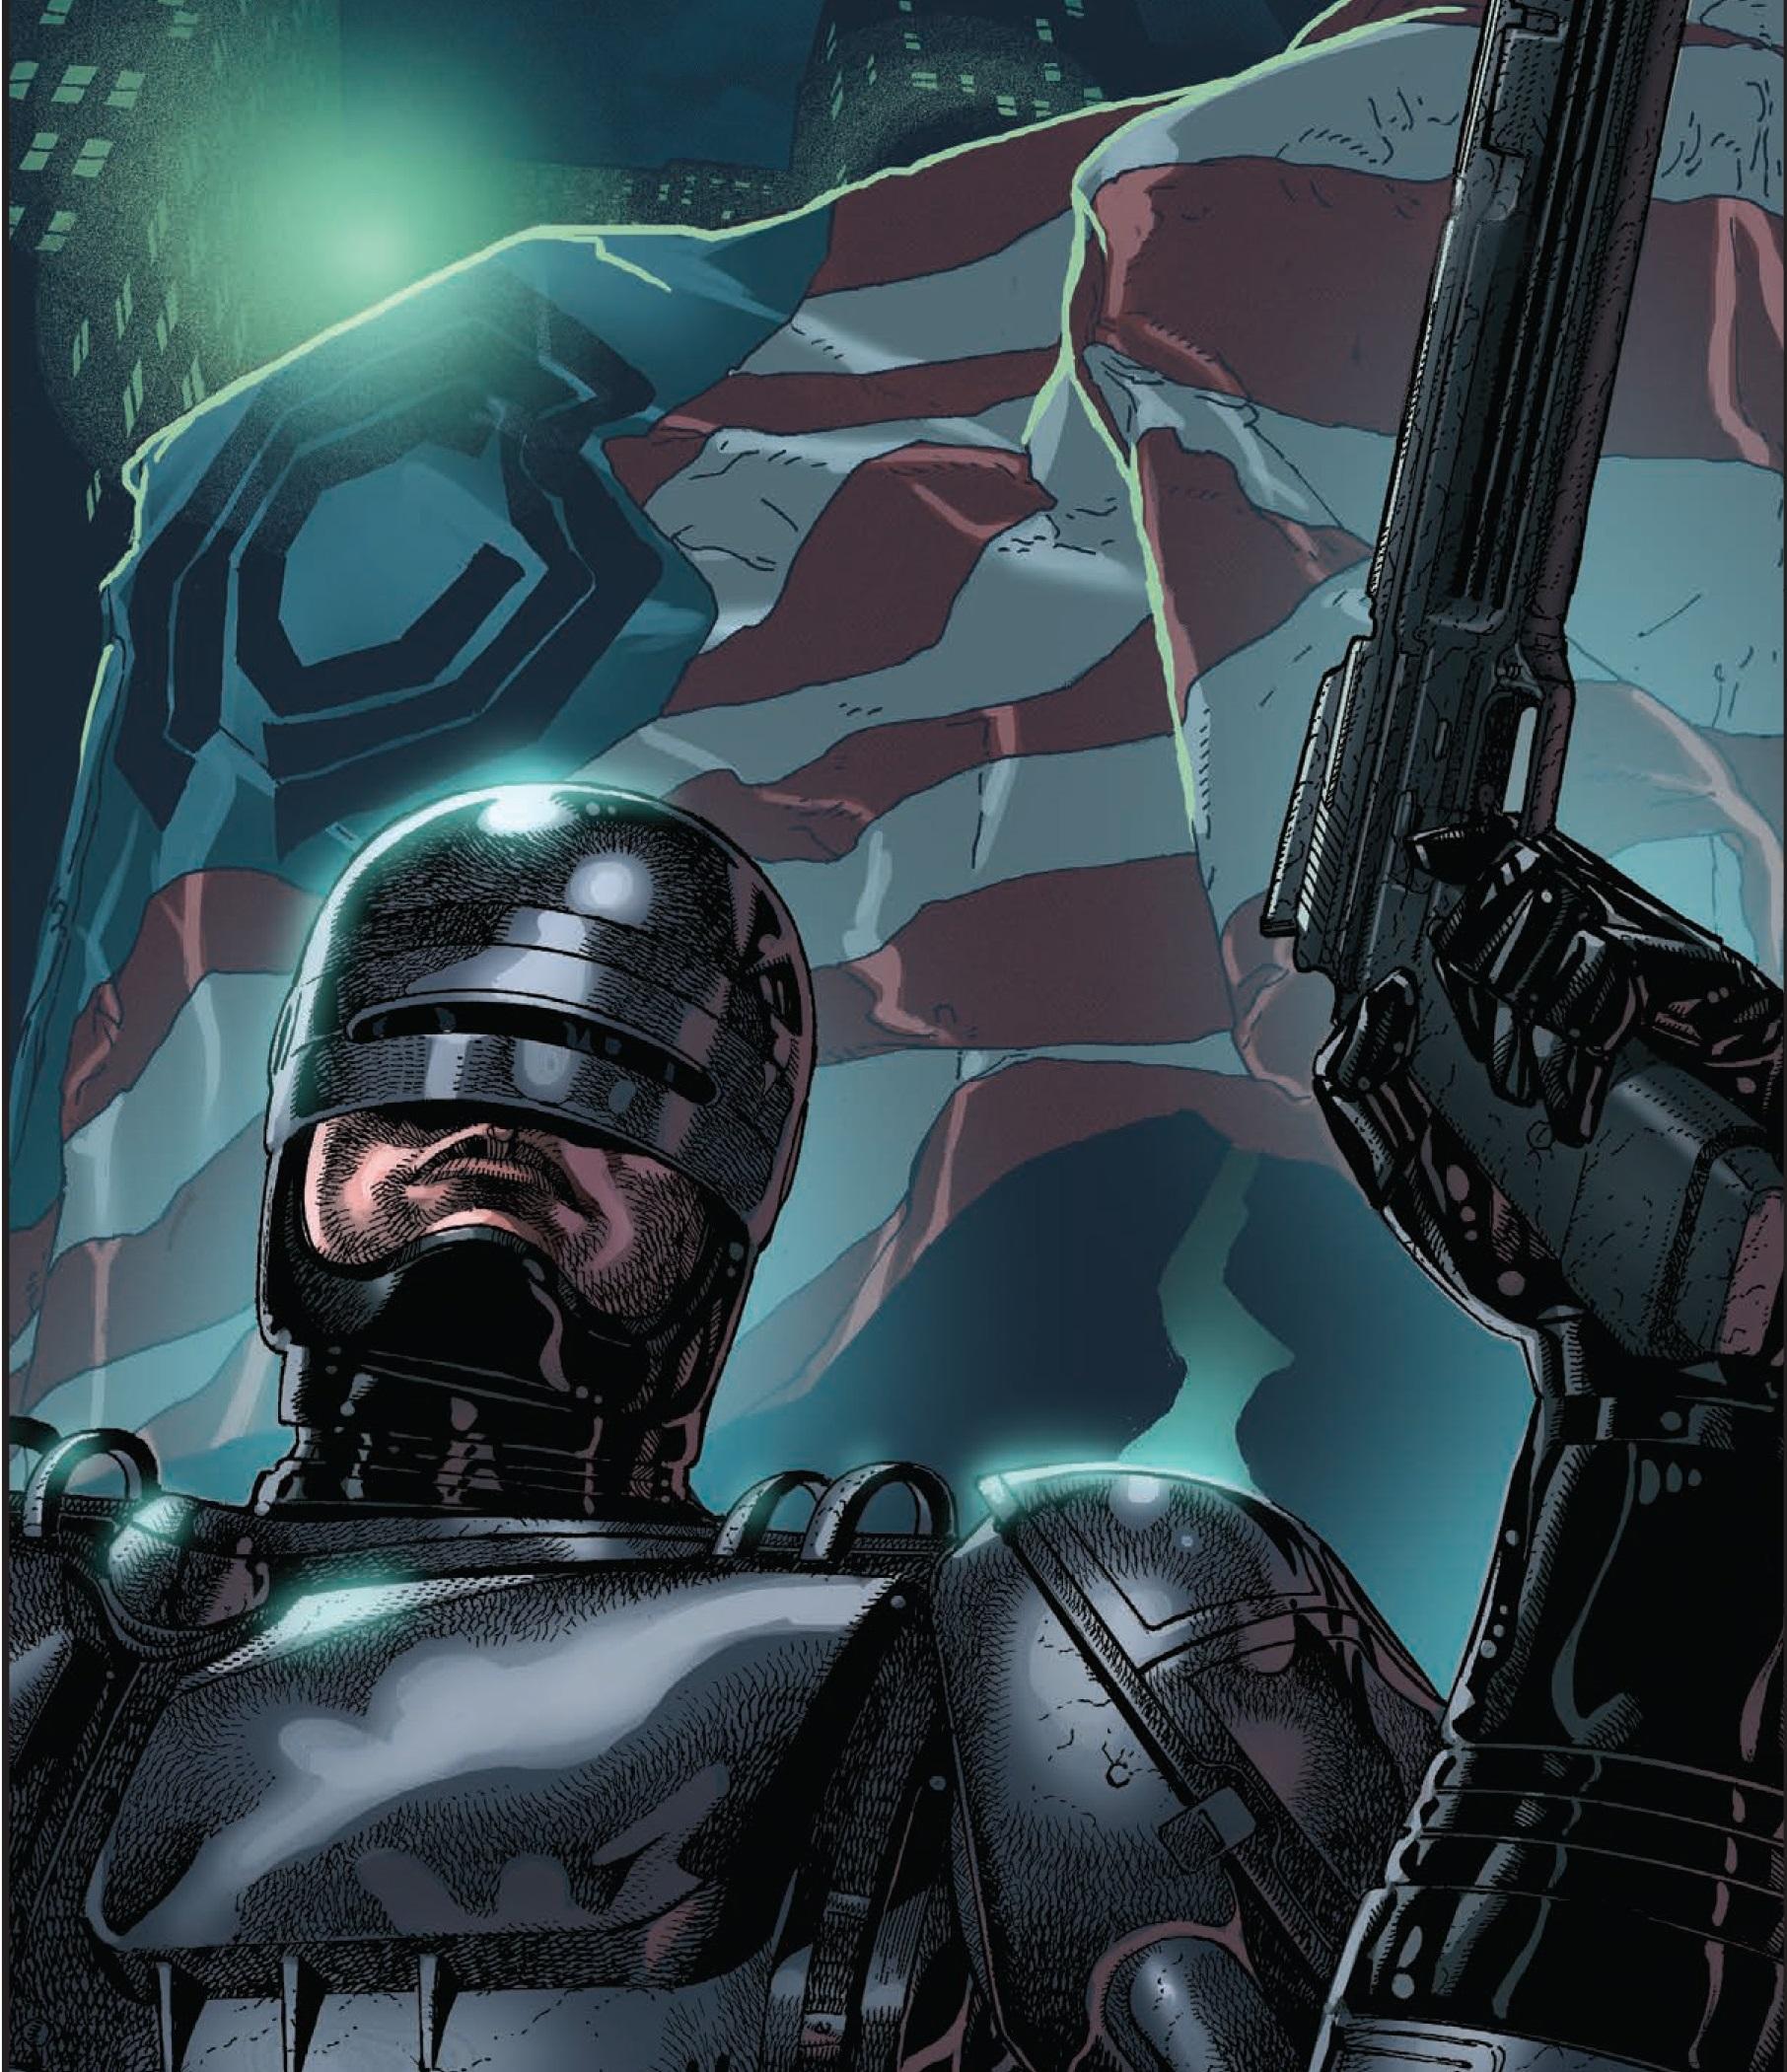 Il ritorno di RoboCop: Vivo o Morto vol. 1 - Anteprima Esclusiva